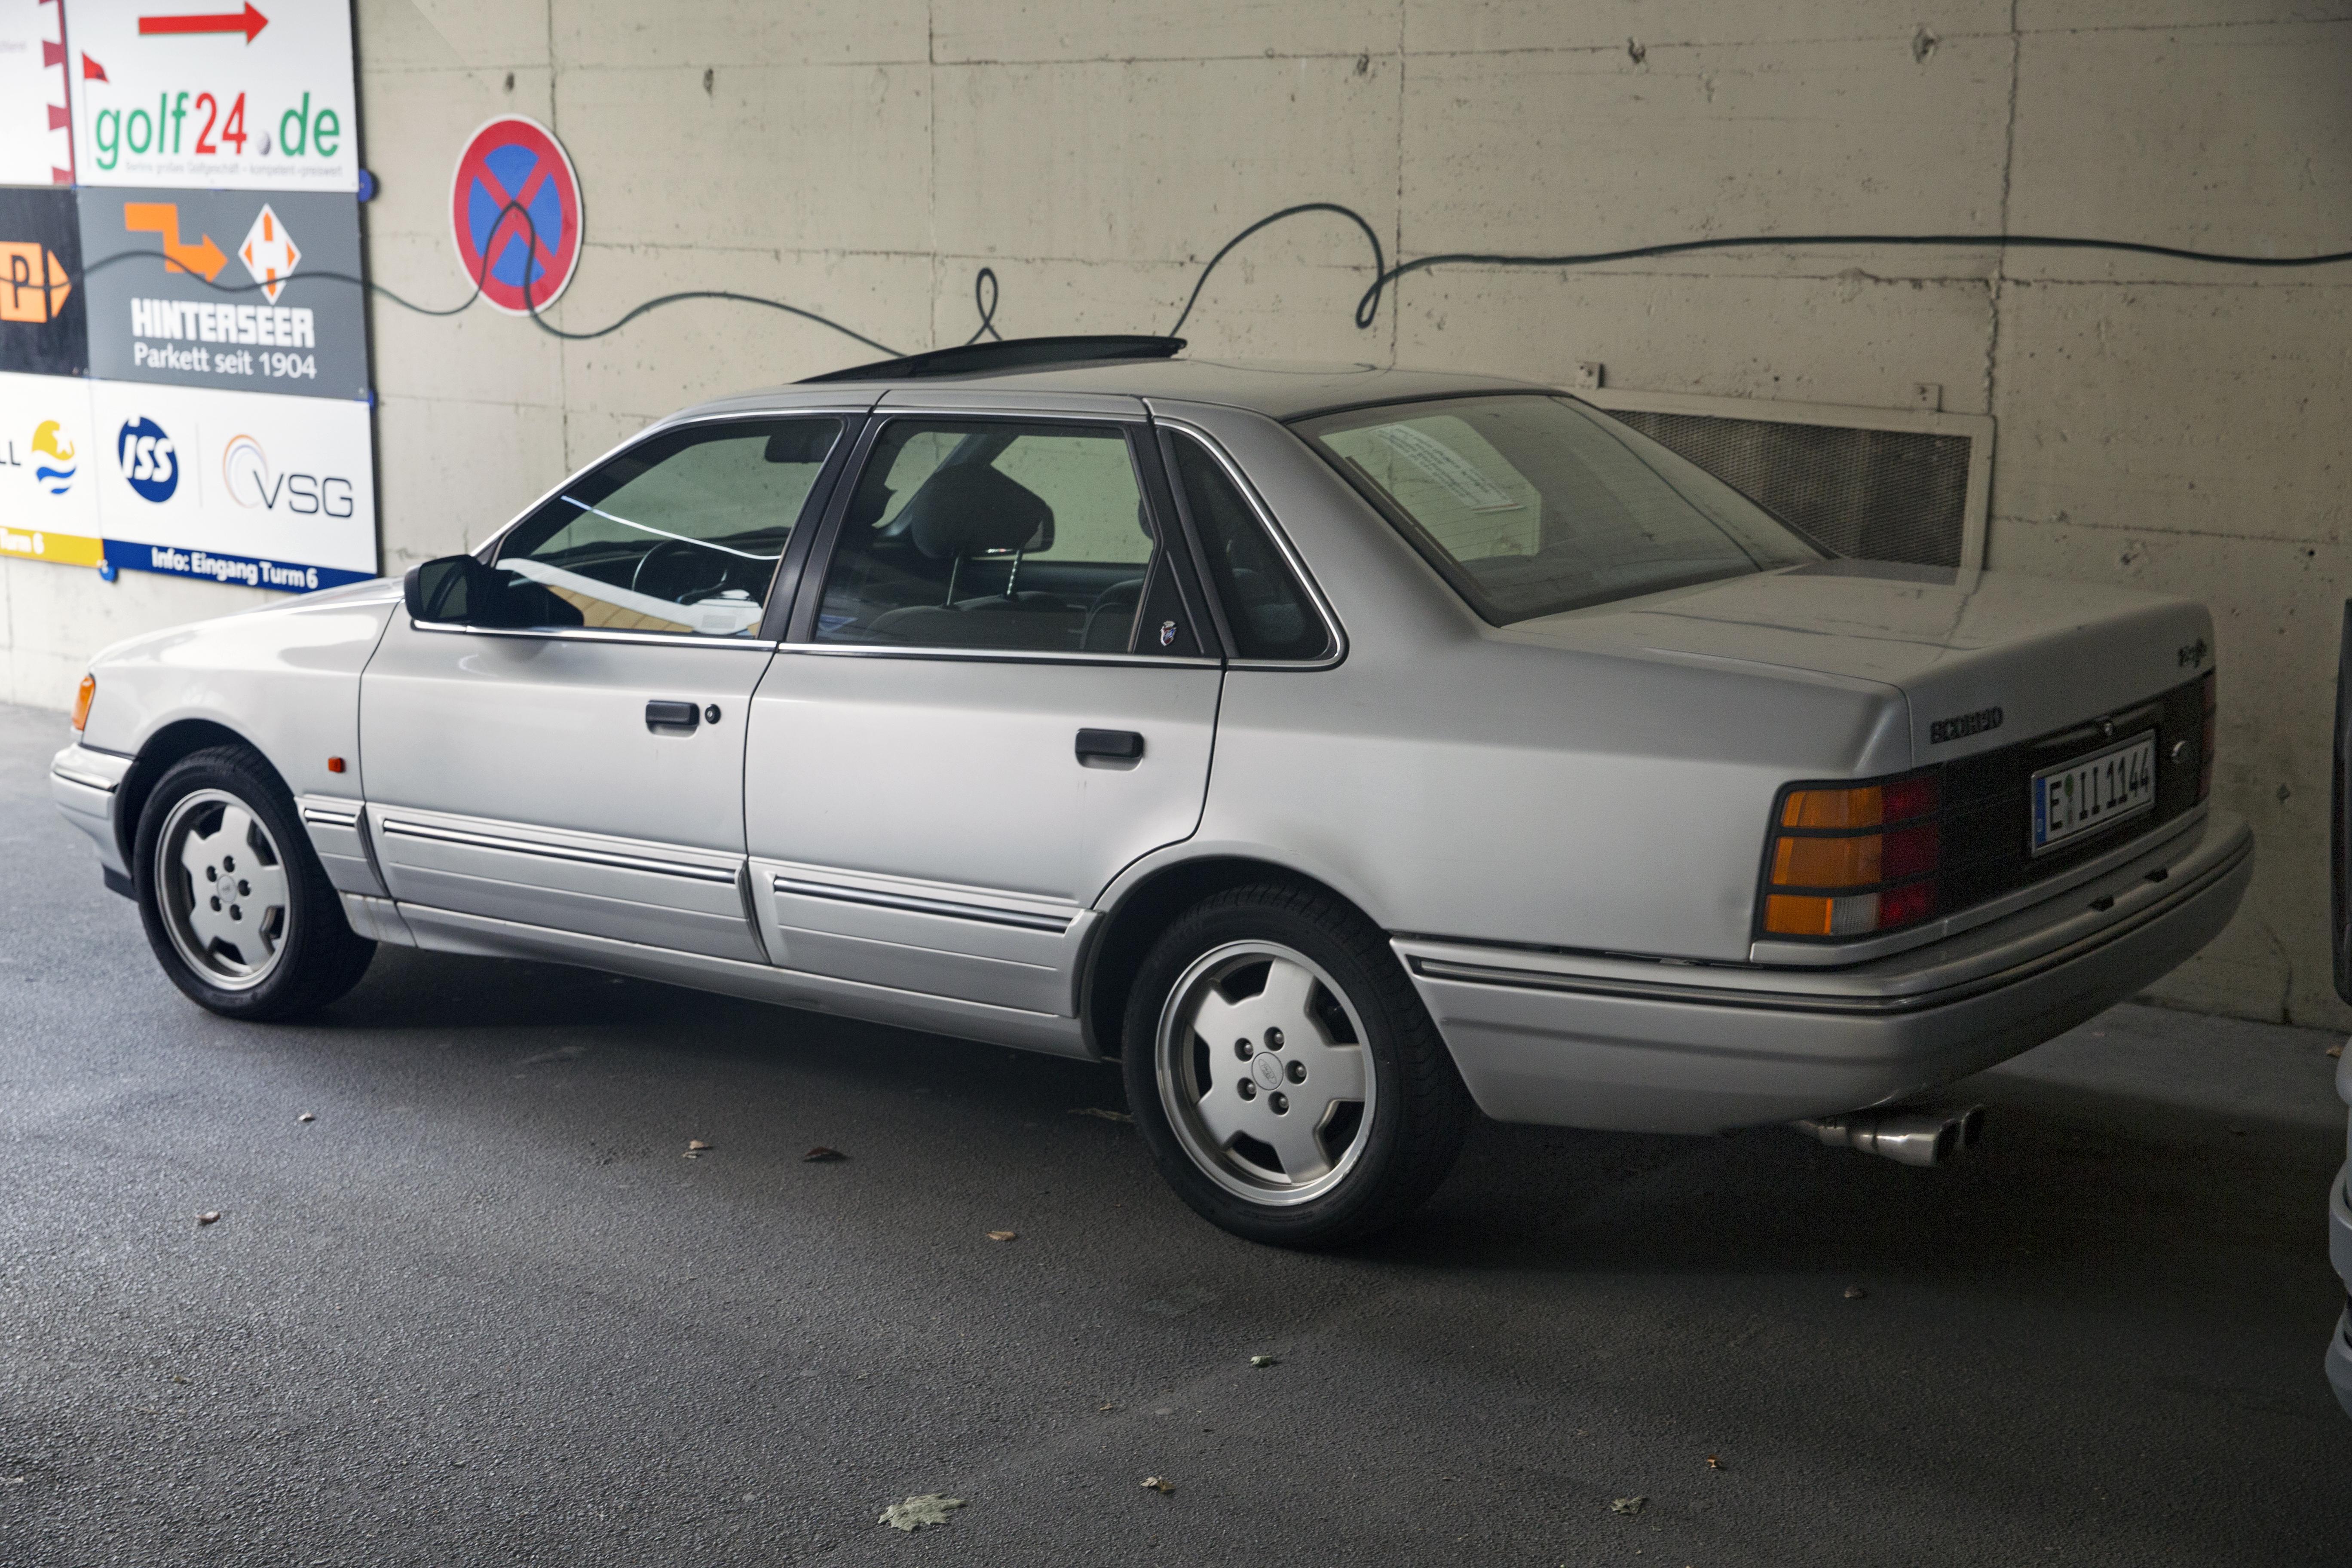 Datei 1990 92 Ford Scorpio 2 9i Ghia 4 door left rear –